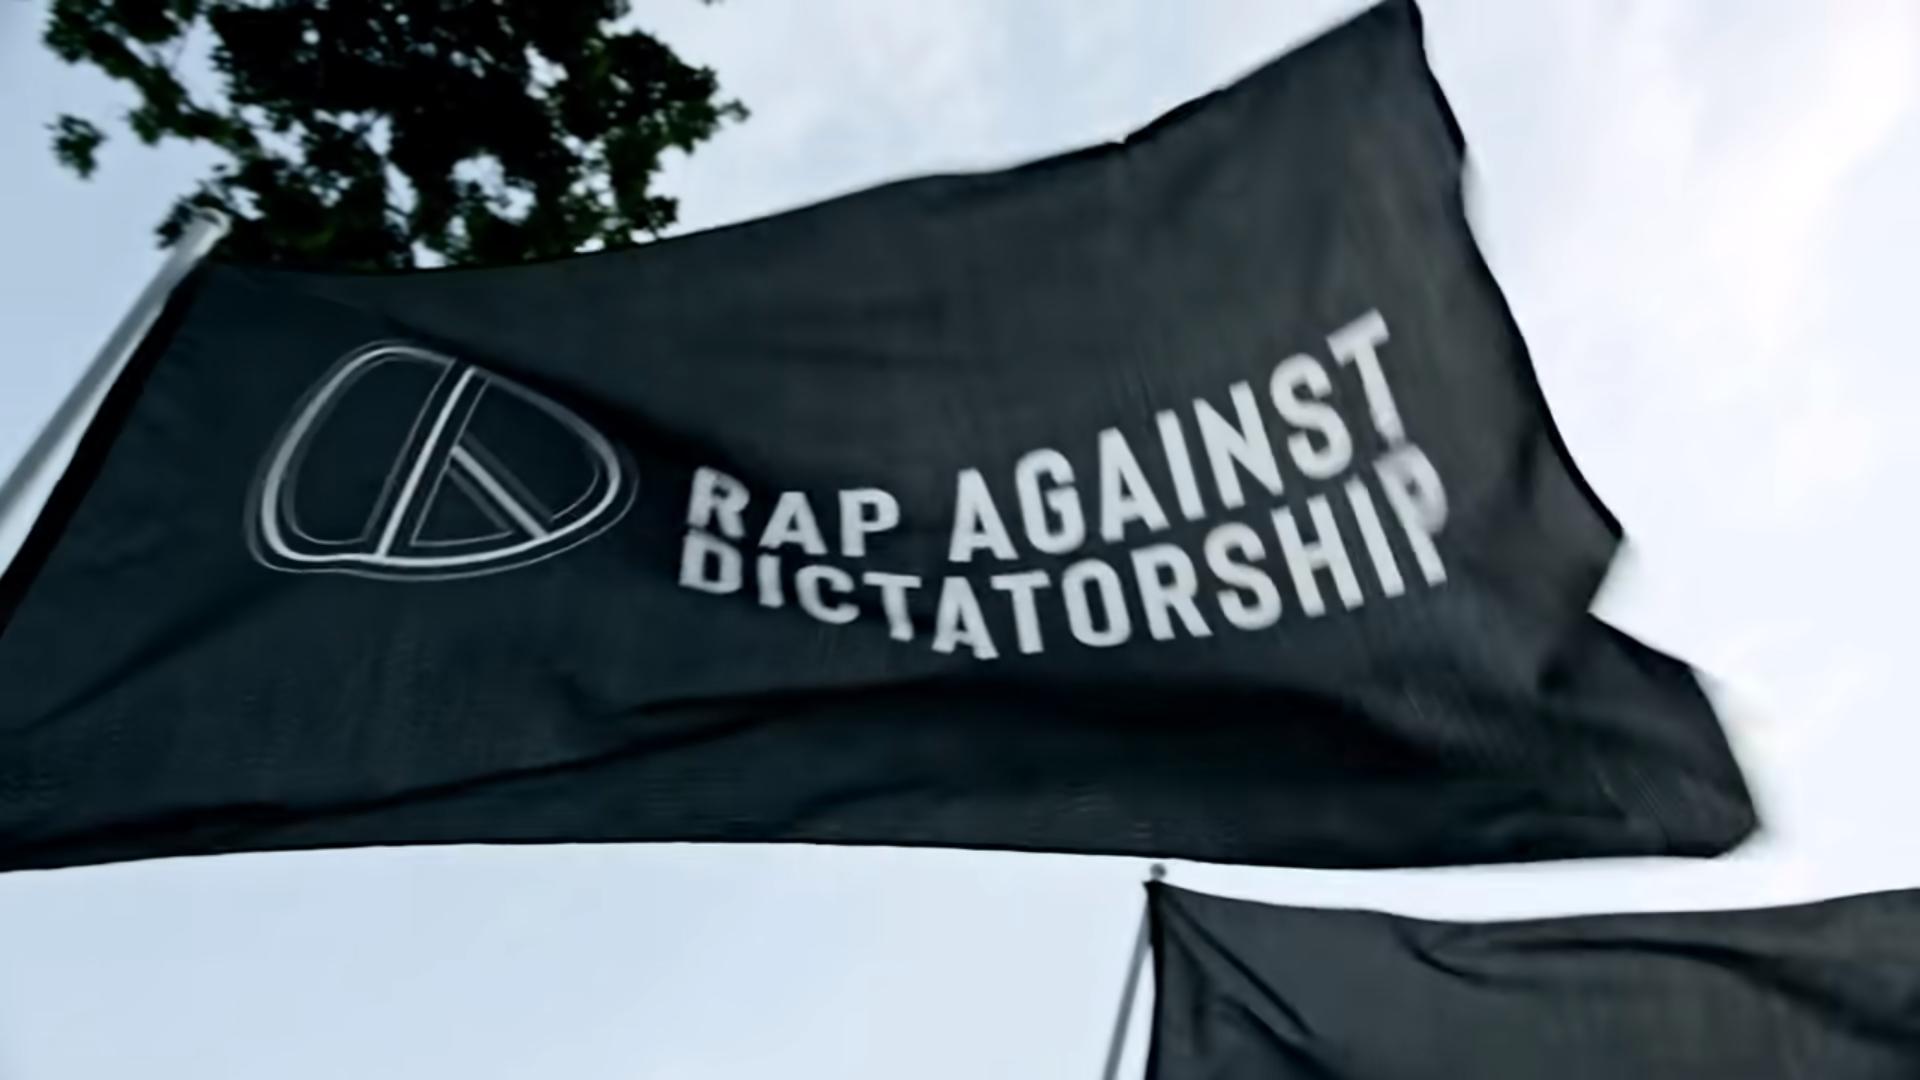 Rap Against Dictatorship ปฏิรูป เพลงปฏิรูป